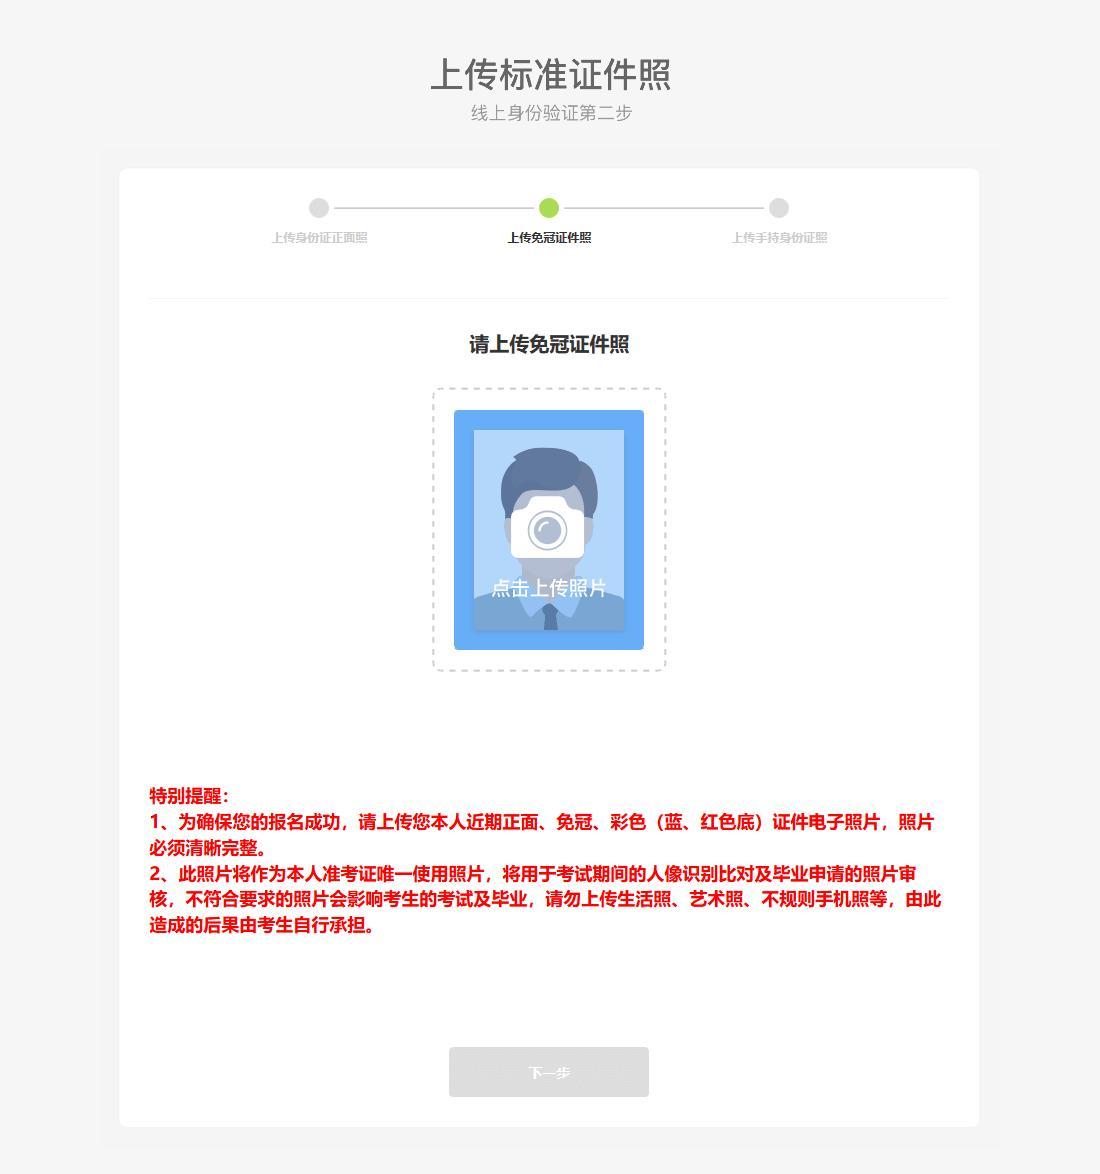 江苏自考新生身份验证流程讲解12.png